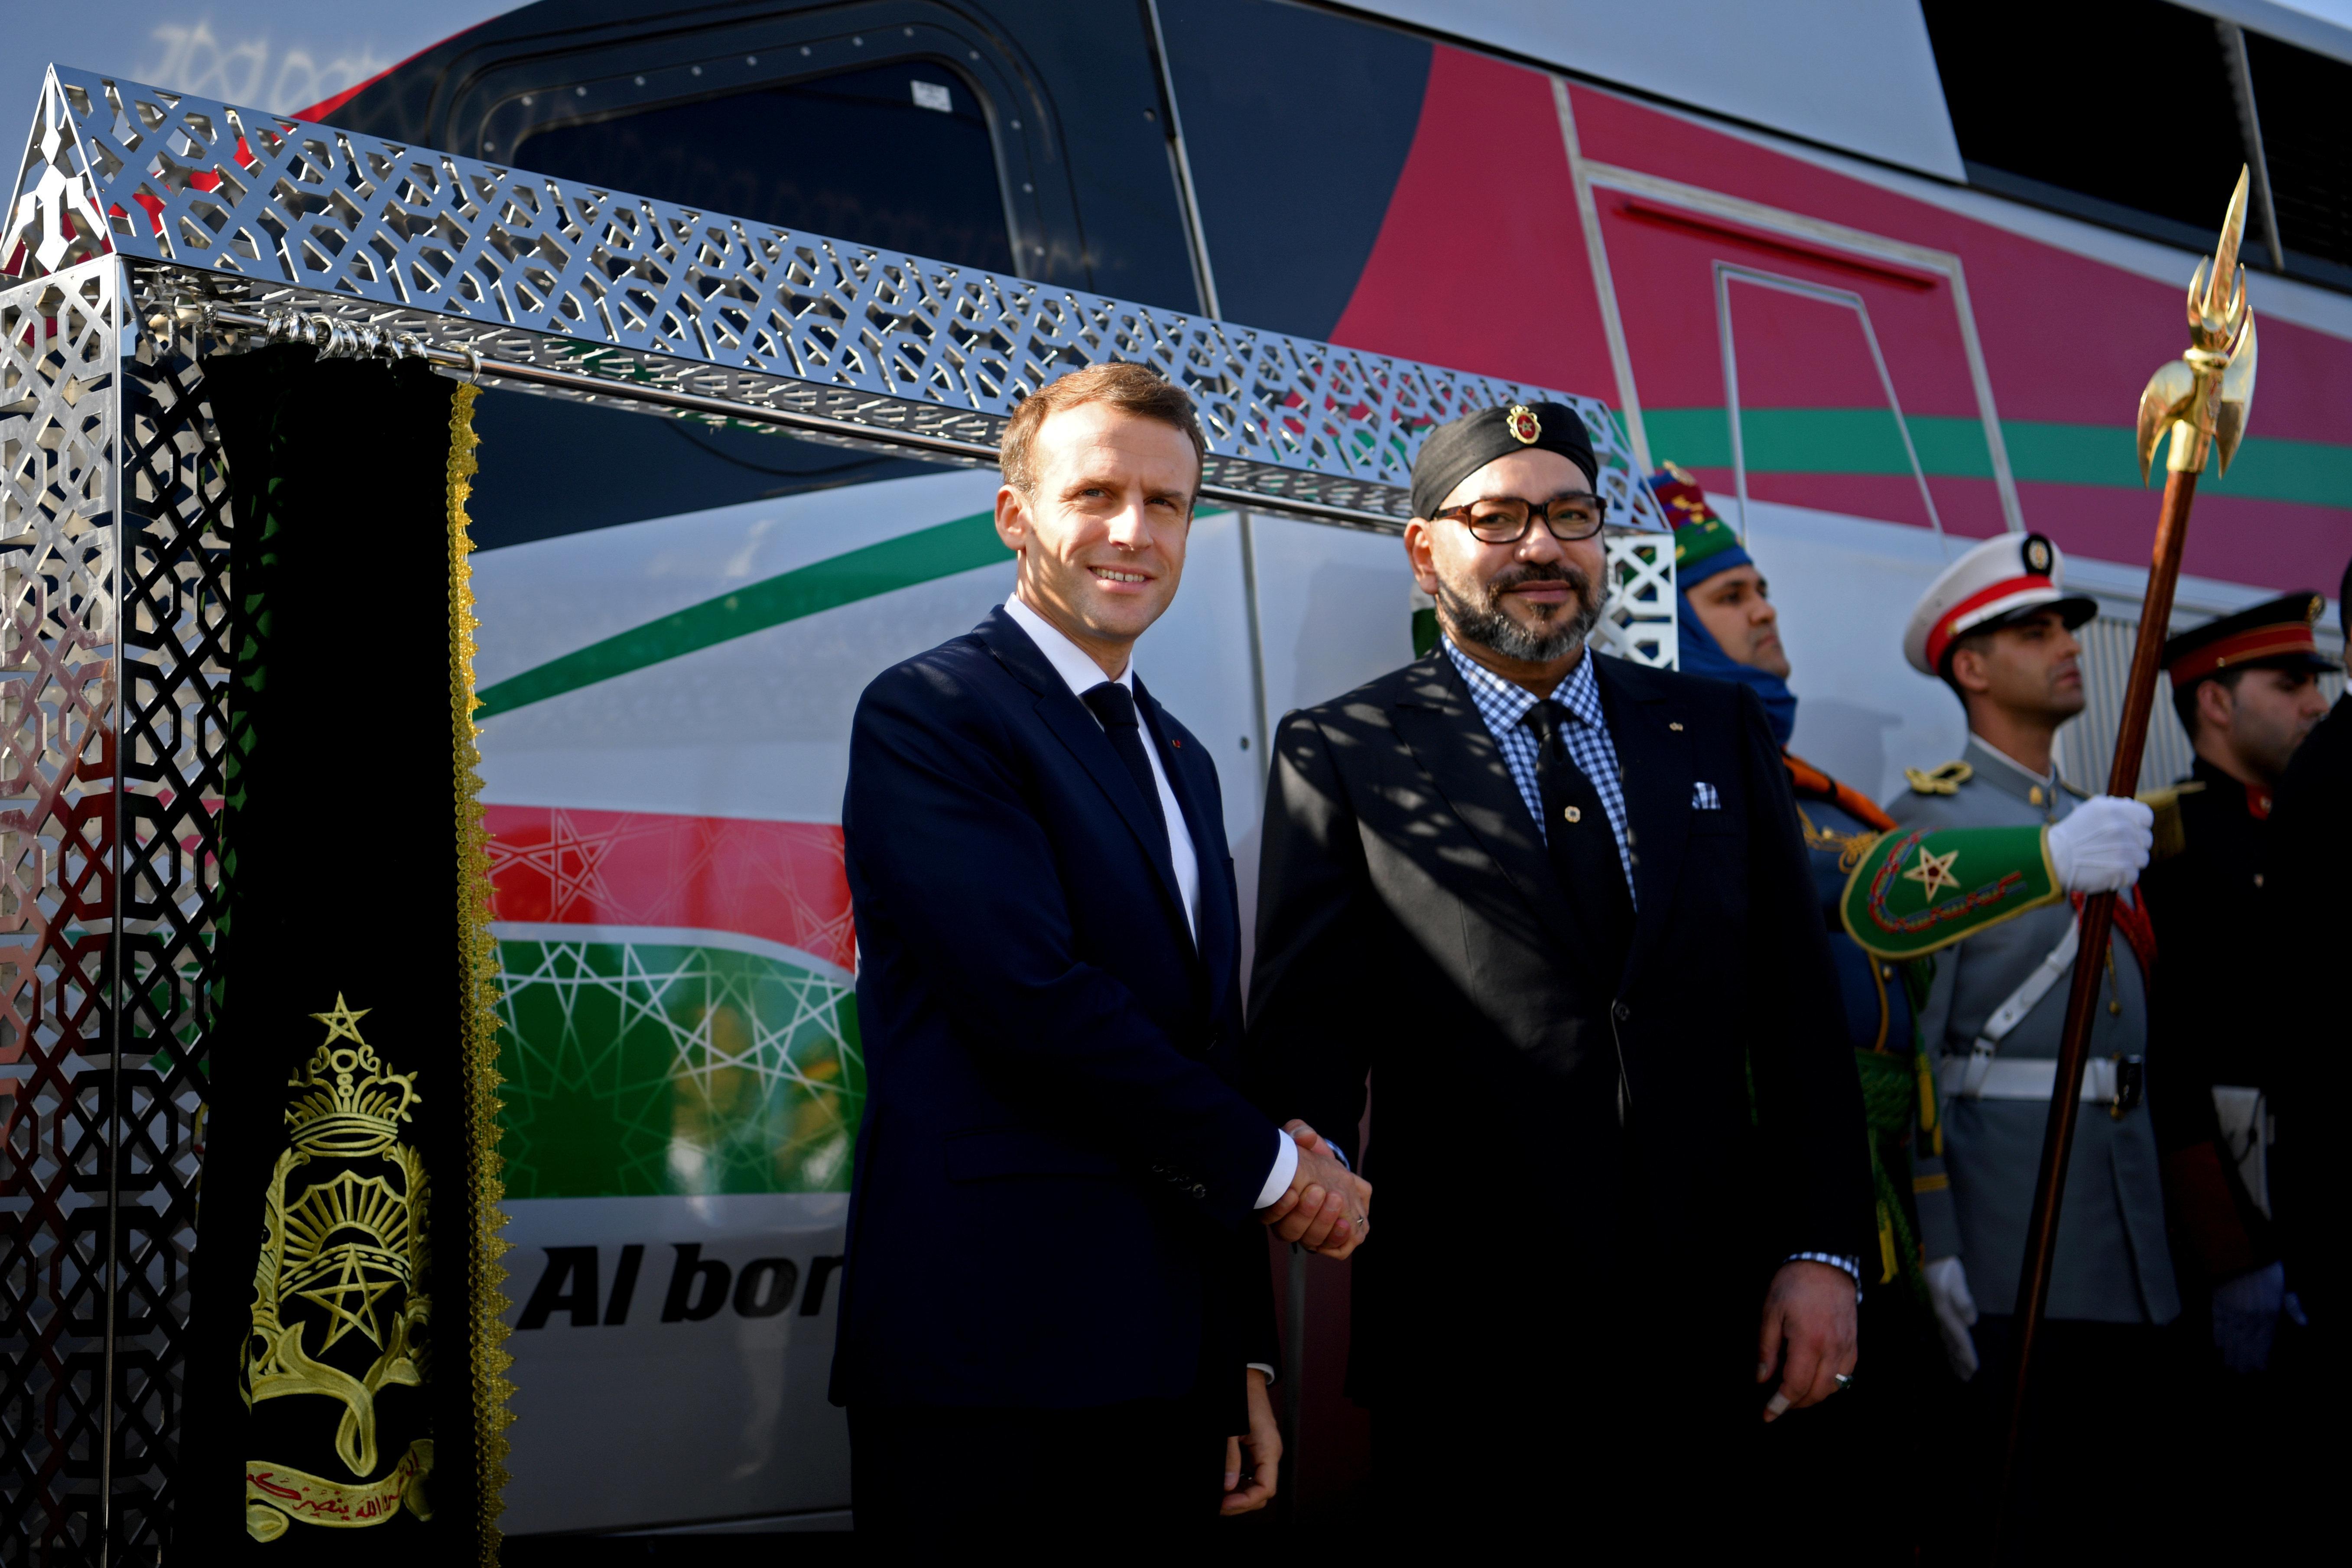 ÉDITO- Ce que signifie (vraiment) l'avènement du TGV